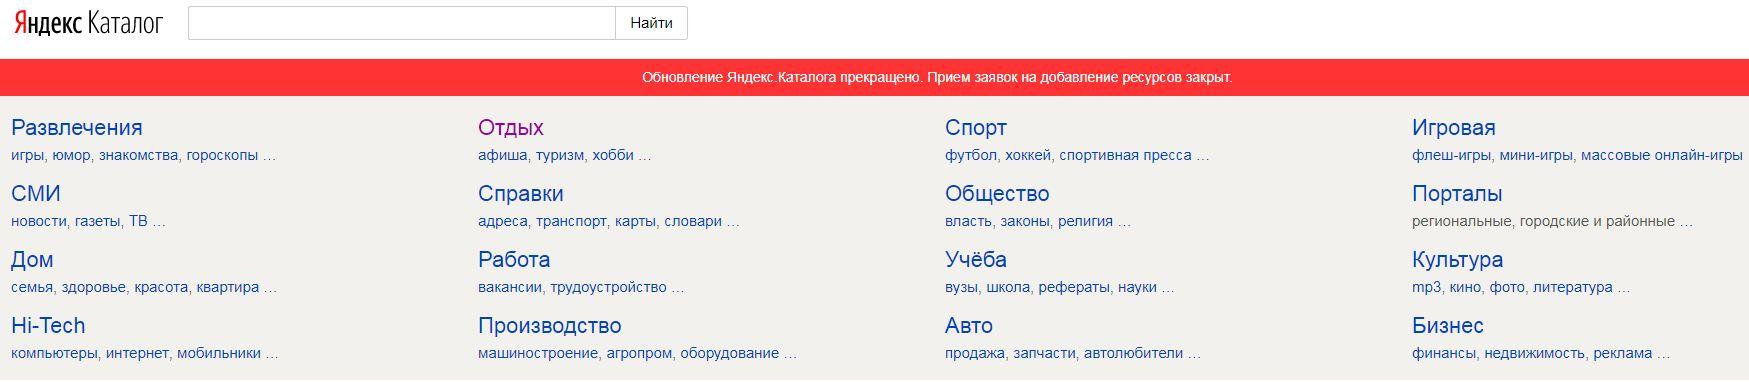 Яндекс каталог закрывается навсегда